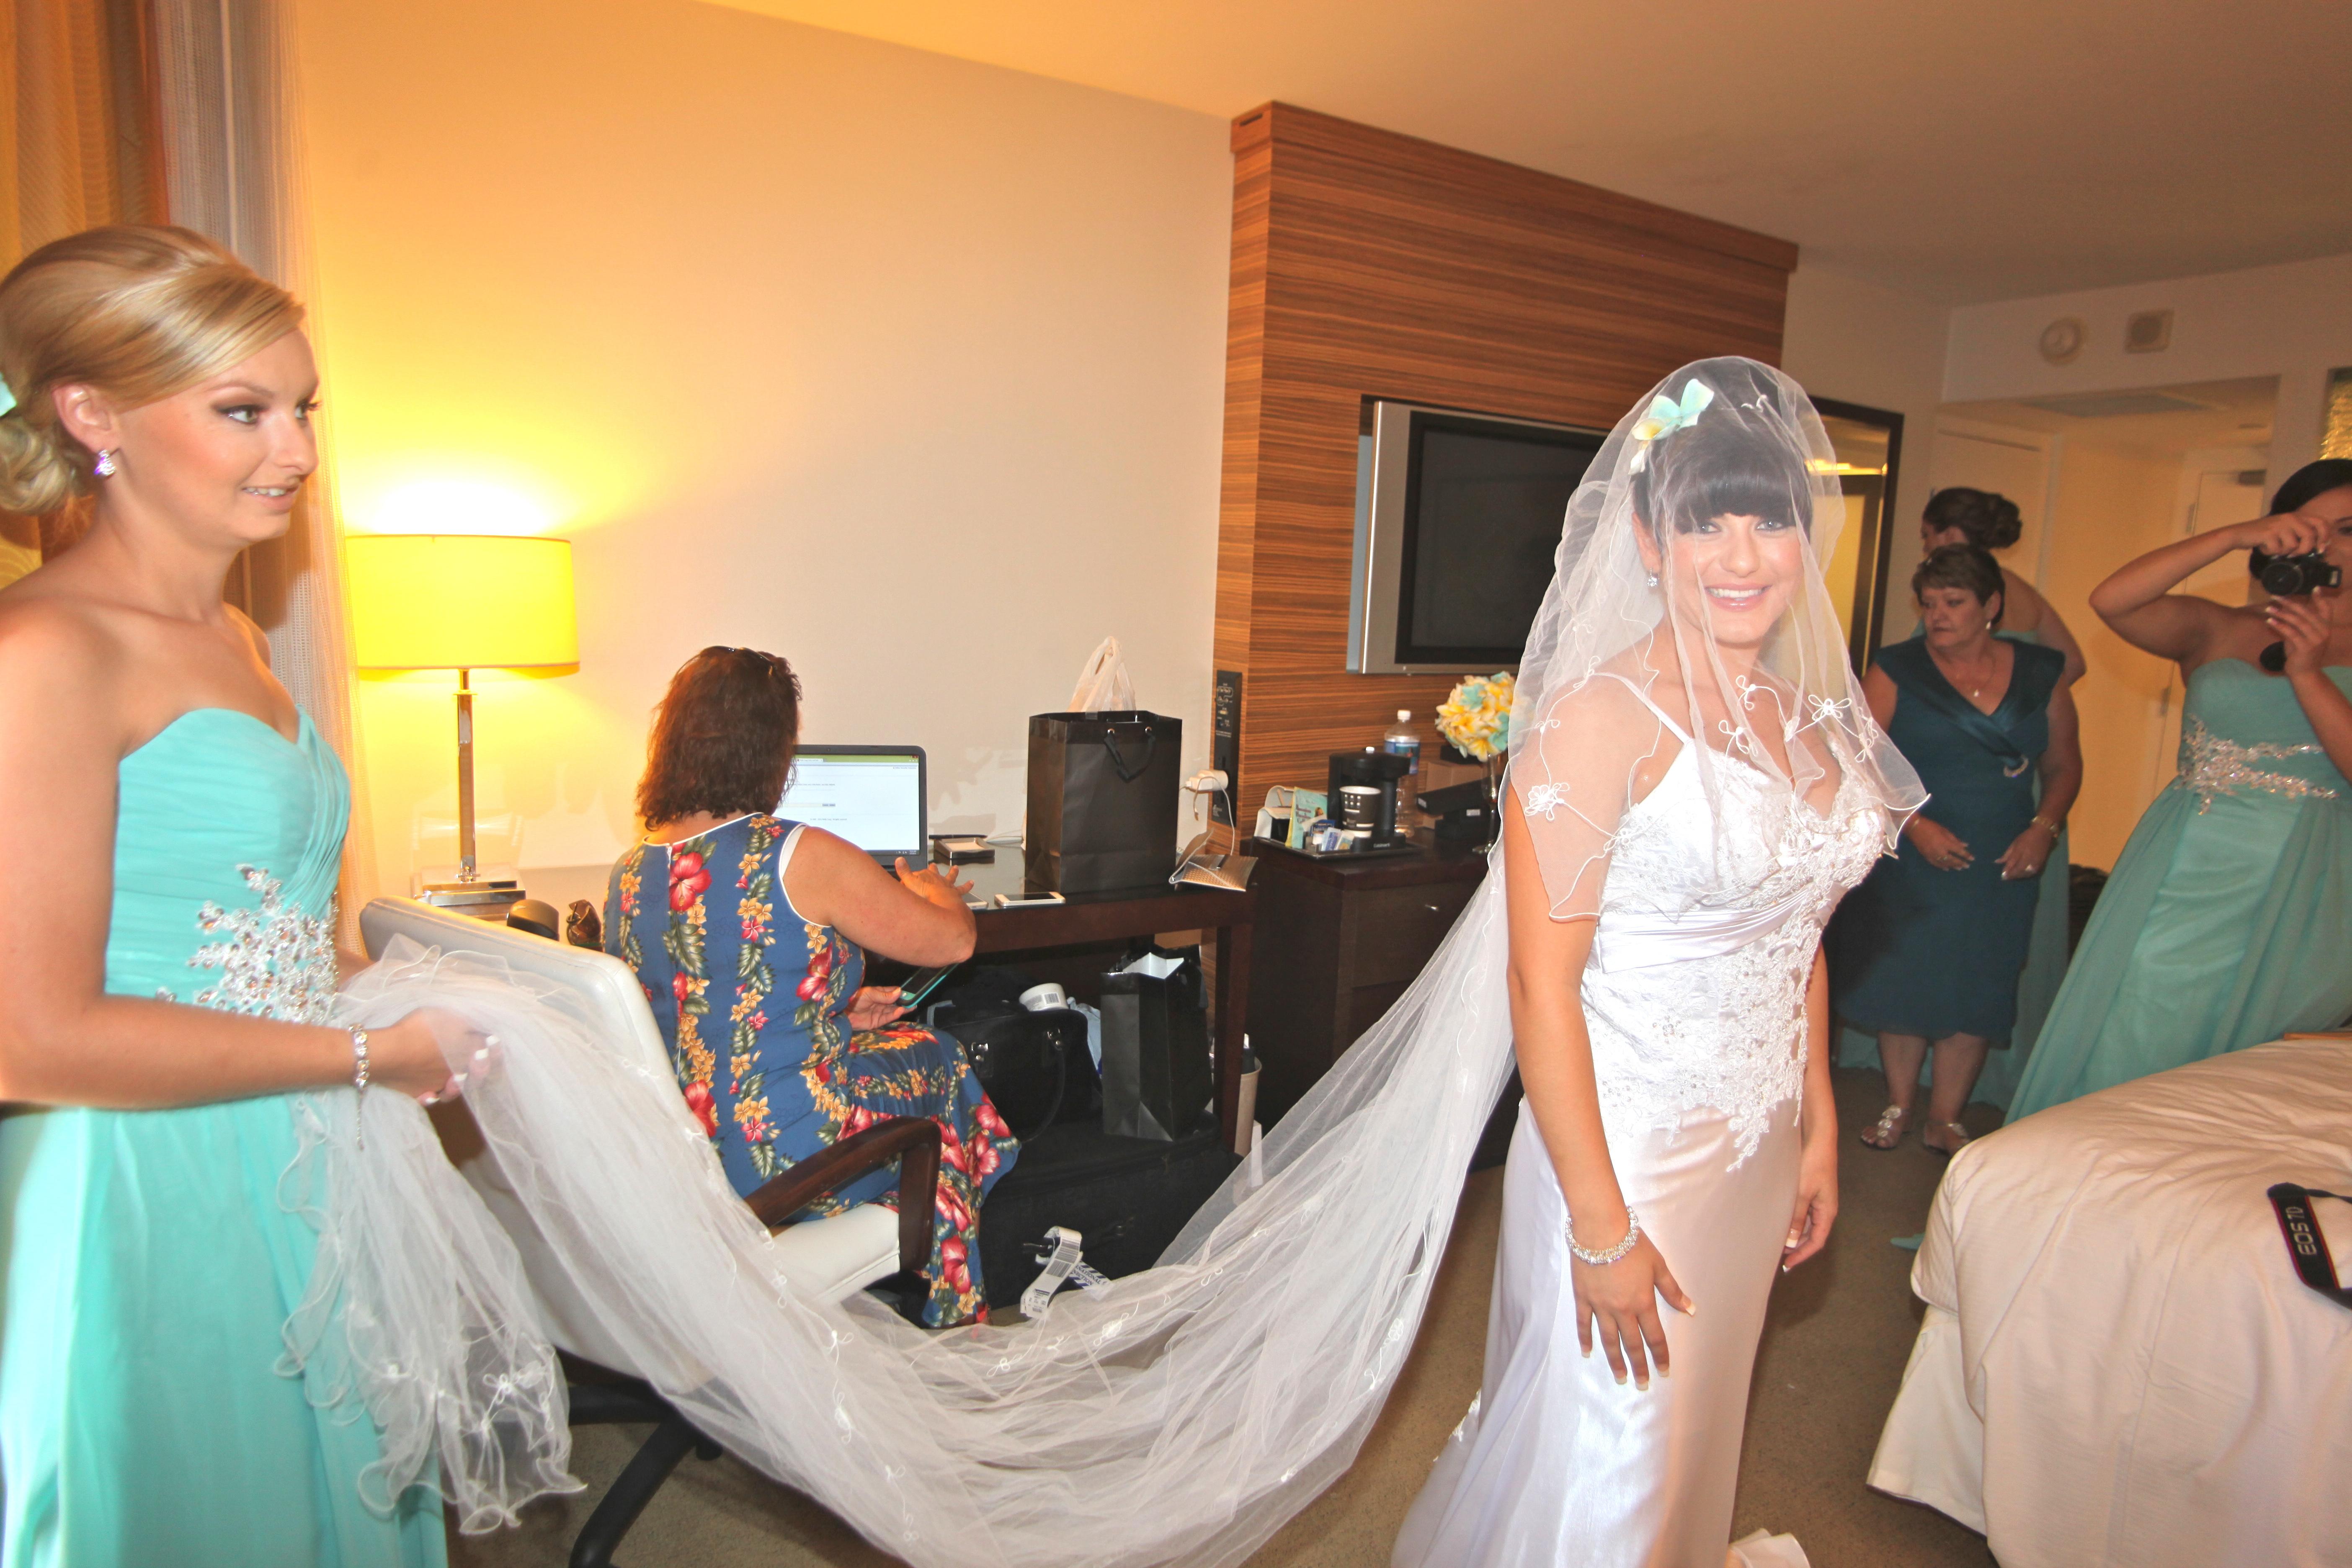 Alohaislandweddings.com- Pre wedding In The hotel room -48